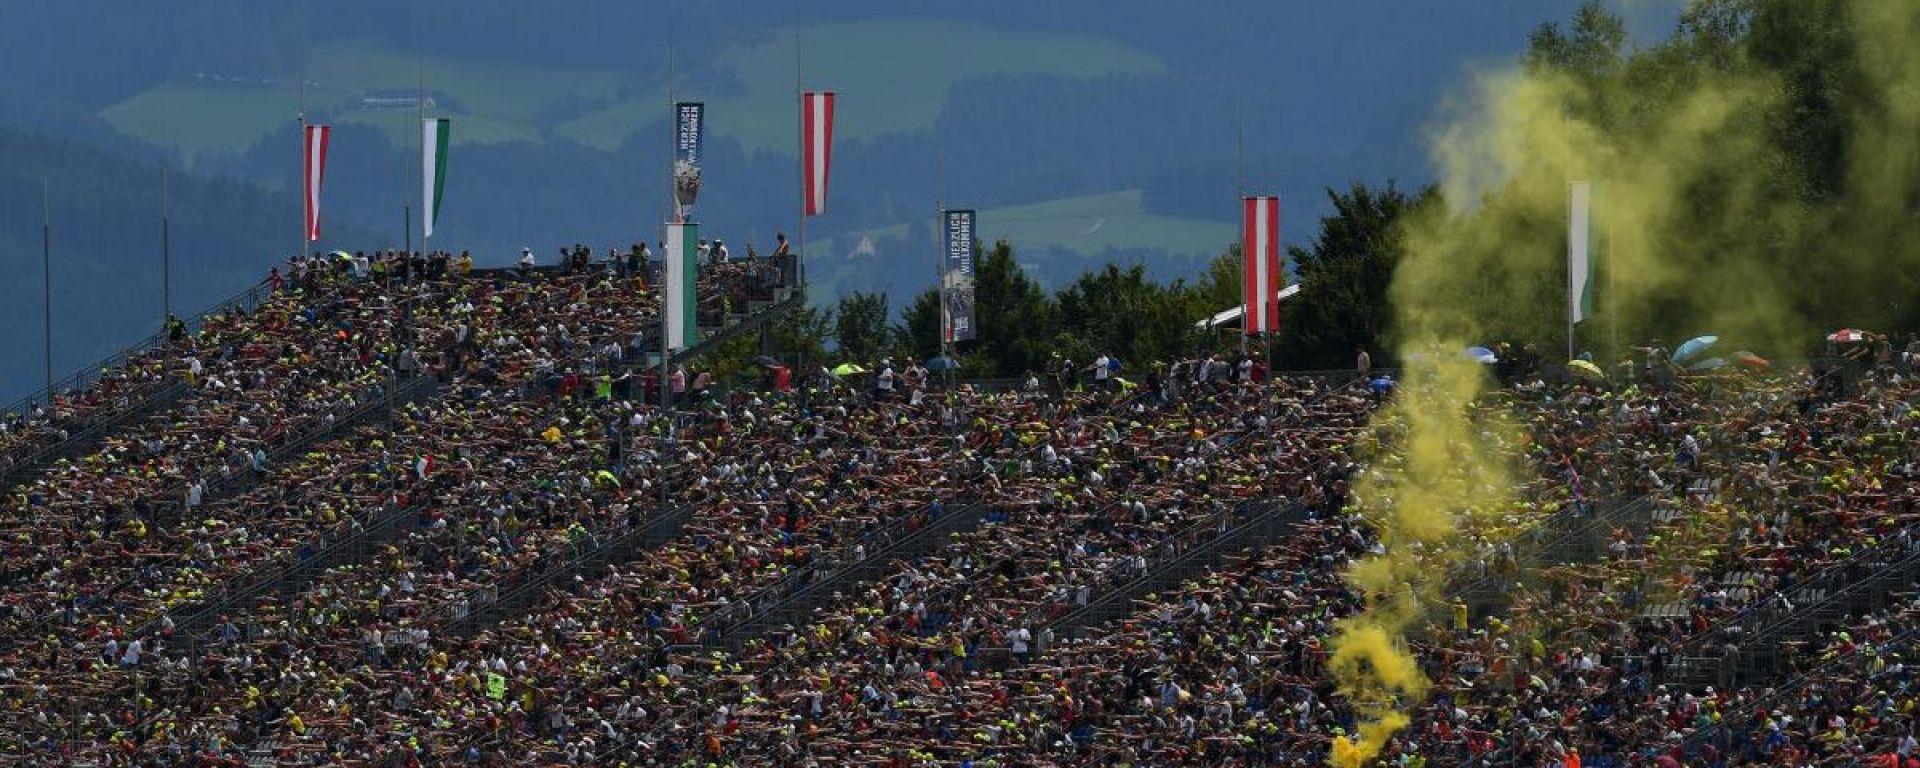 MotoGP, il pubblico del Gran Premio d'Austria 2019 al Red Bull Ring